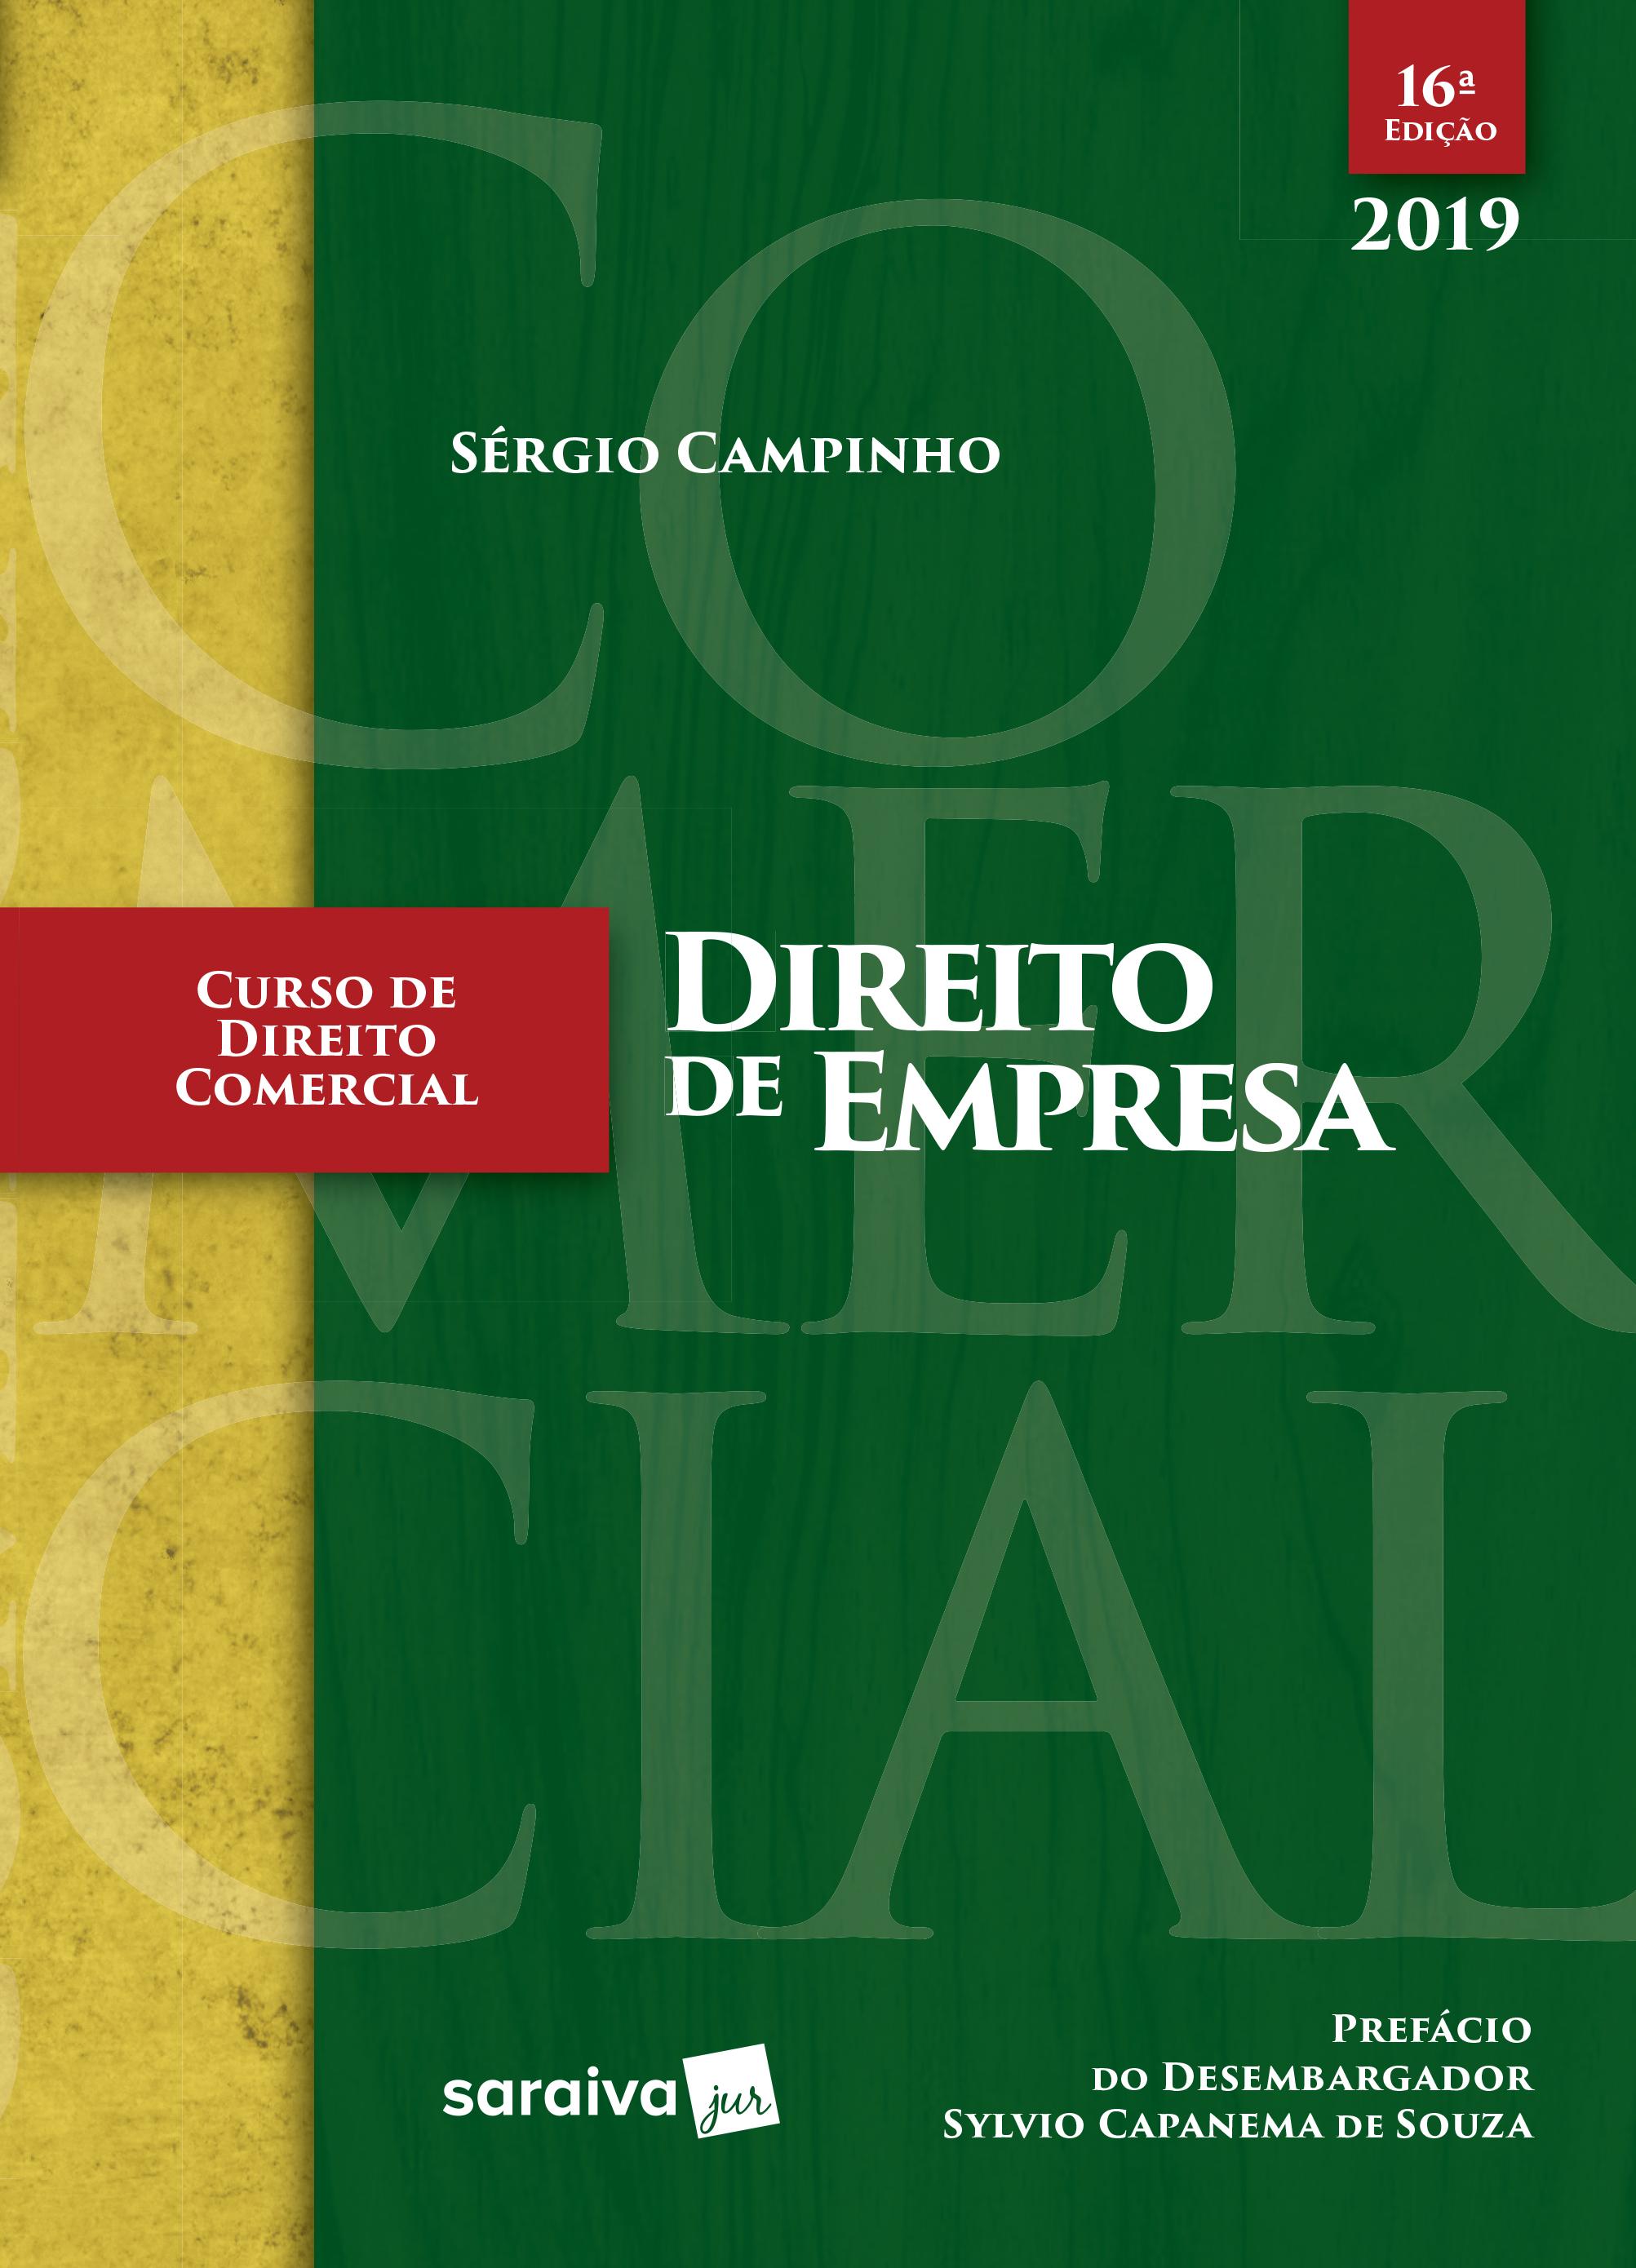 Curso_de_direito_comercial_sergio_campinho-16edfrente